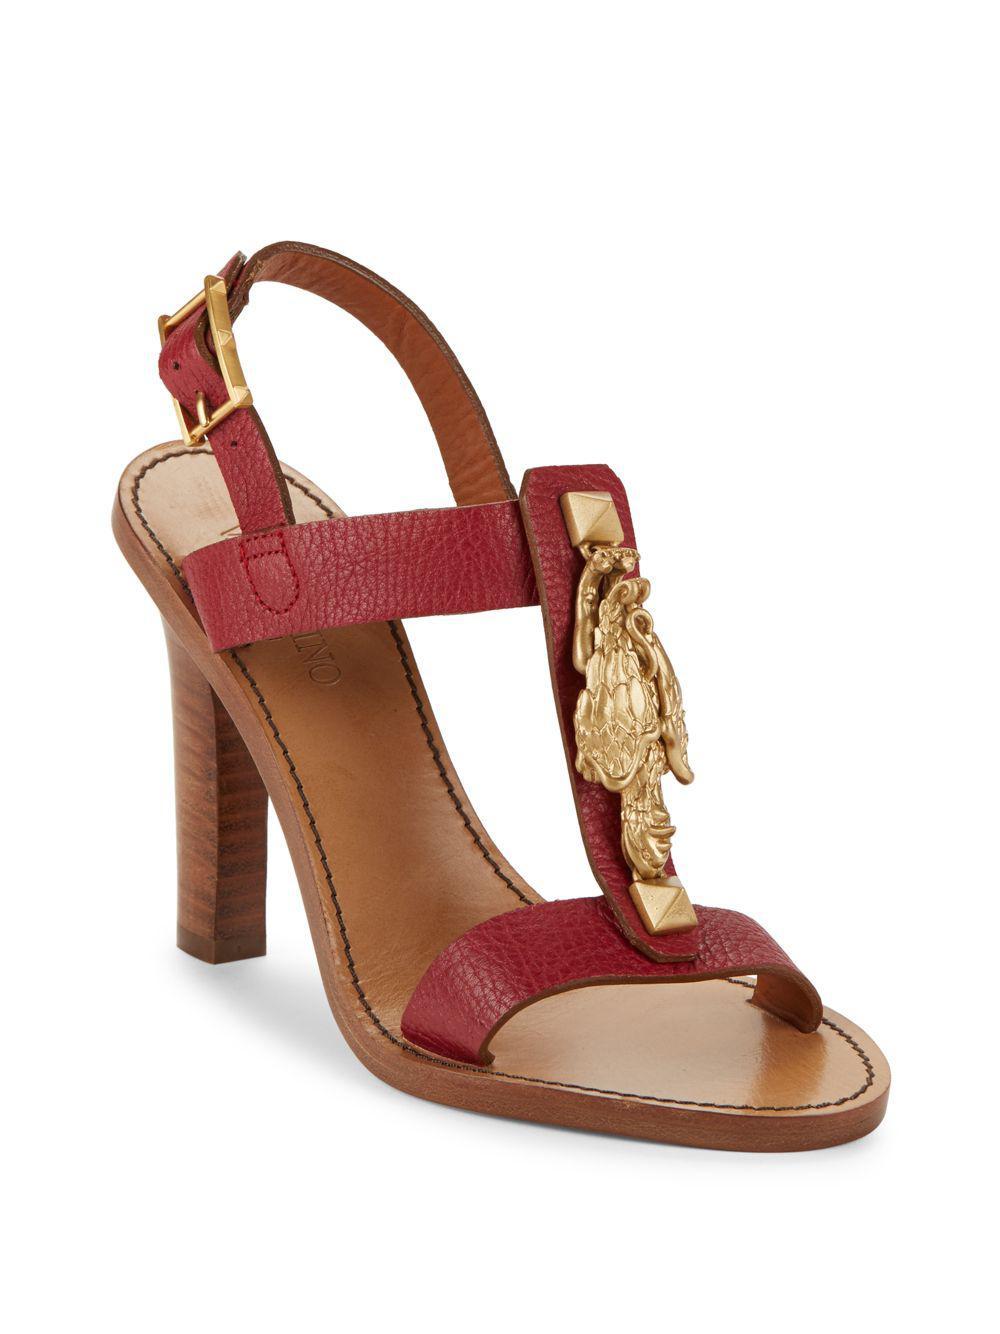 ValentinoOpen Sandal awMKr0fV